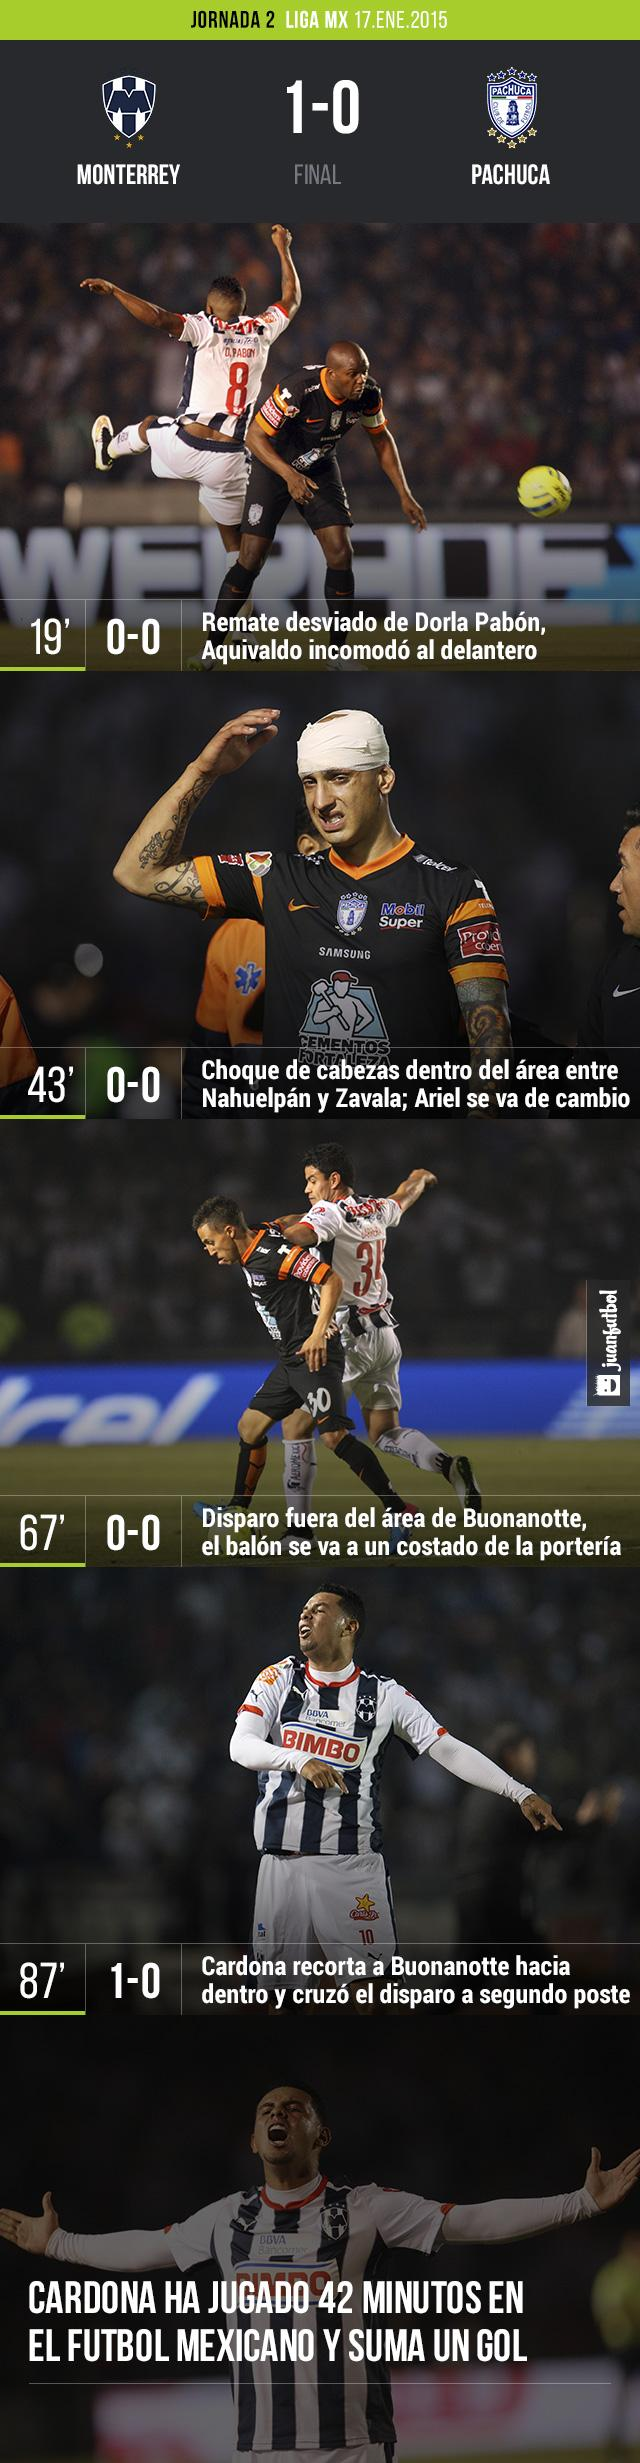 El Monterrey venció 1-0 al Pachuca con gol de Edwin Cardona